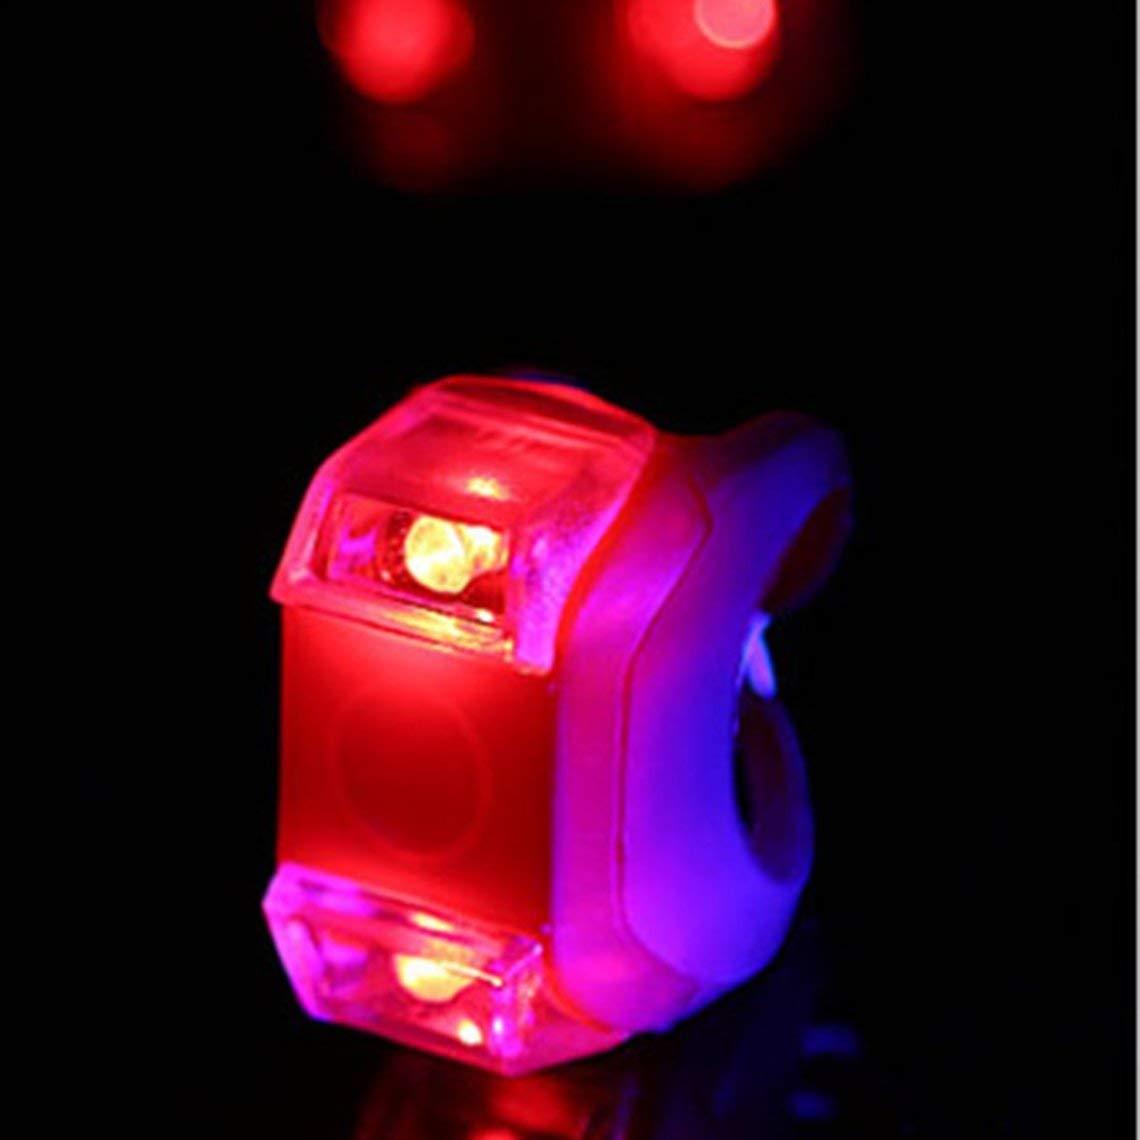 Zinniaya 50mm 45mm 26mm 3 Mode 2 LED V/élo V/élo V/élo T/ête Avant Lumi/ère Arri/ère LED Lampe Flash comprennent Batterie Nouvelle Marque